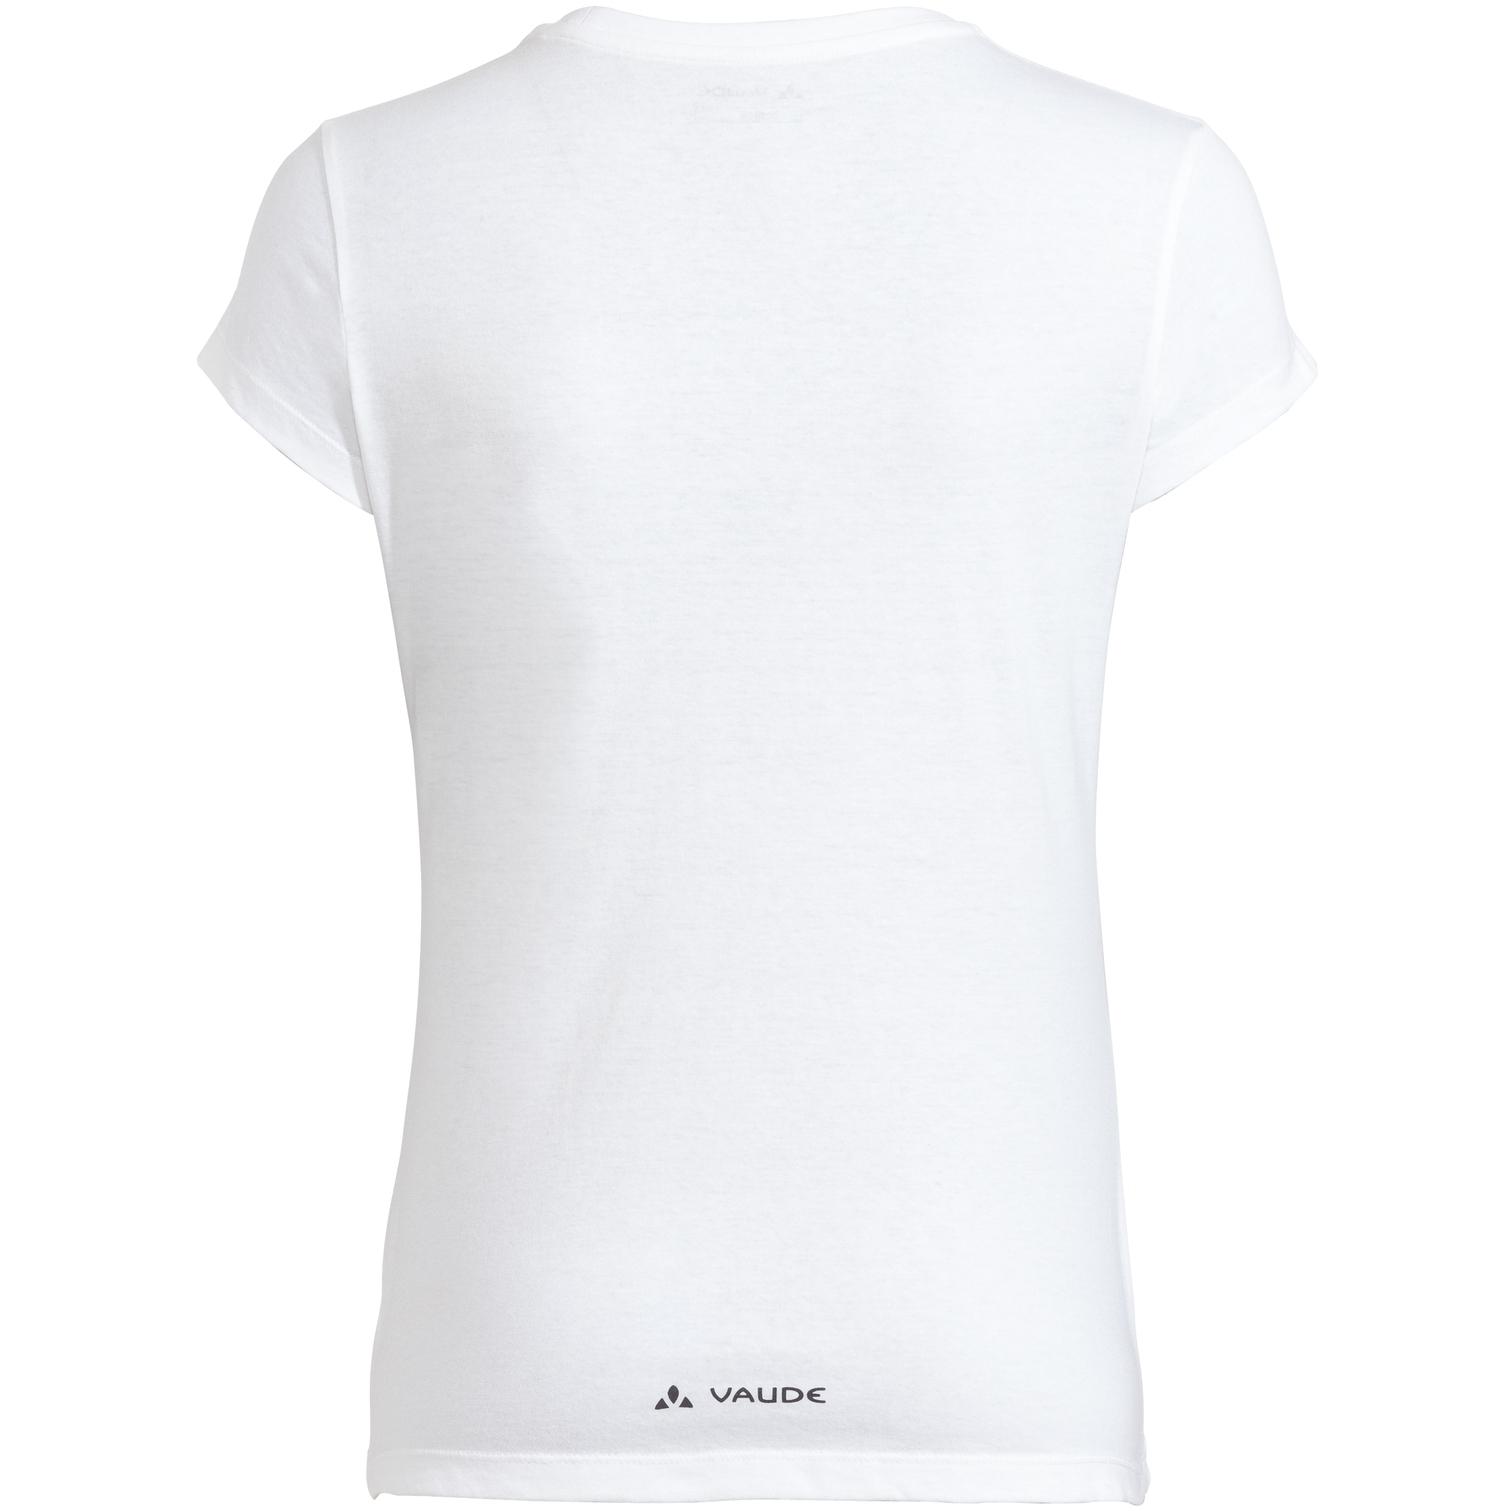 Bild von Vaude Cyclist Damen T-Shirt V - white